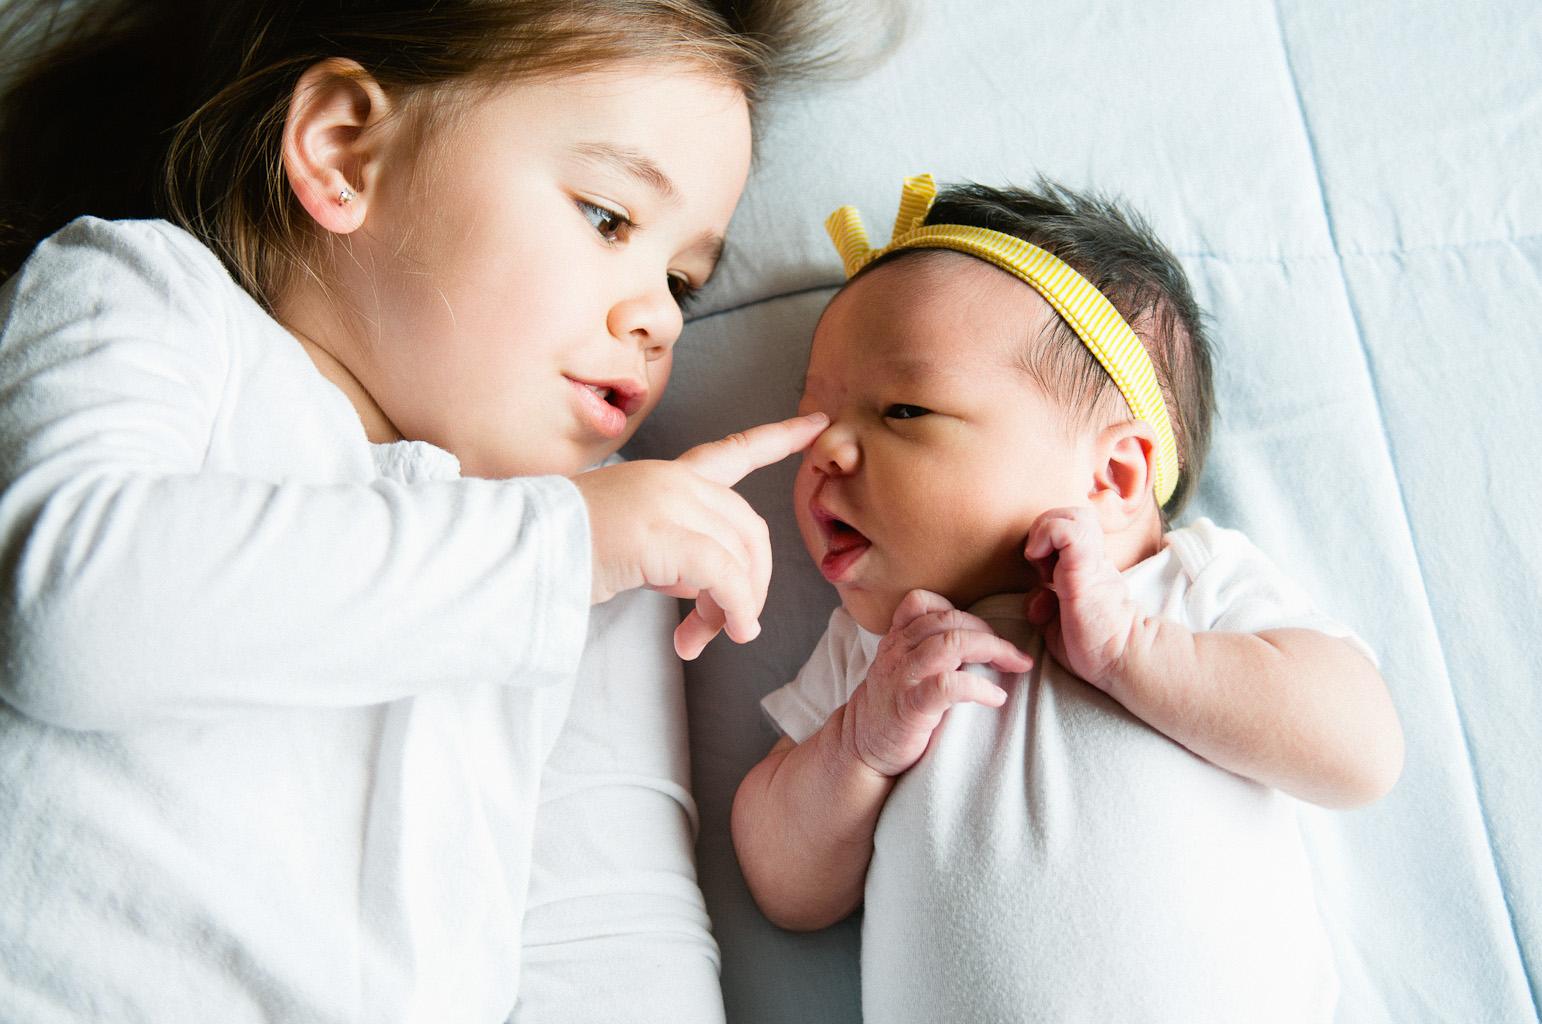 koko_newborns_4.jpg